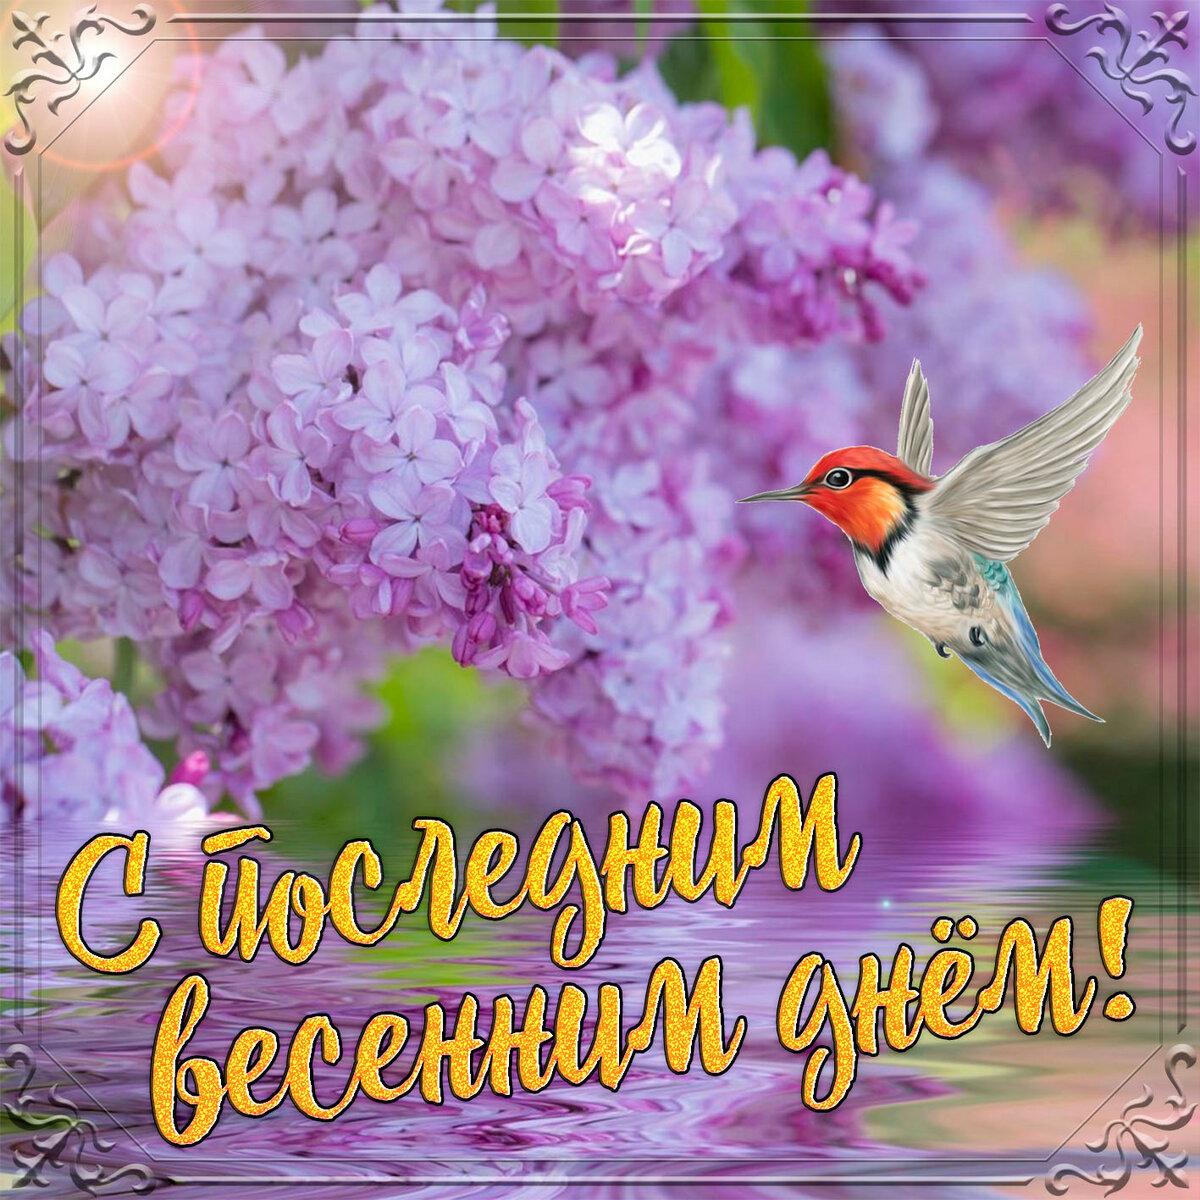 Последний день весны прикольные картинки, открытка